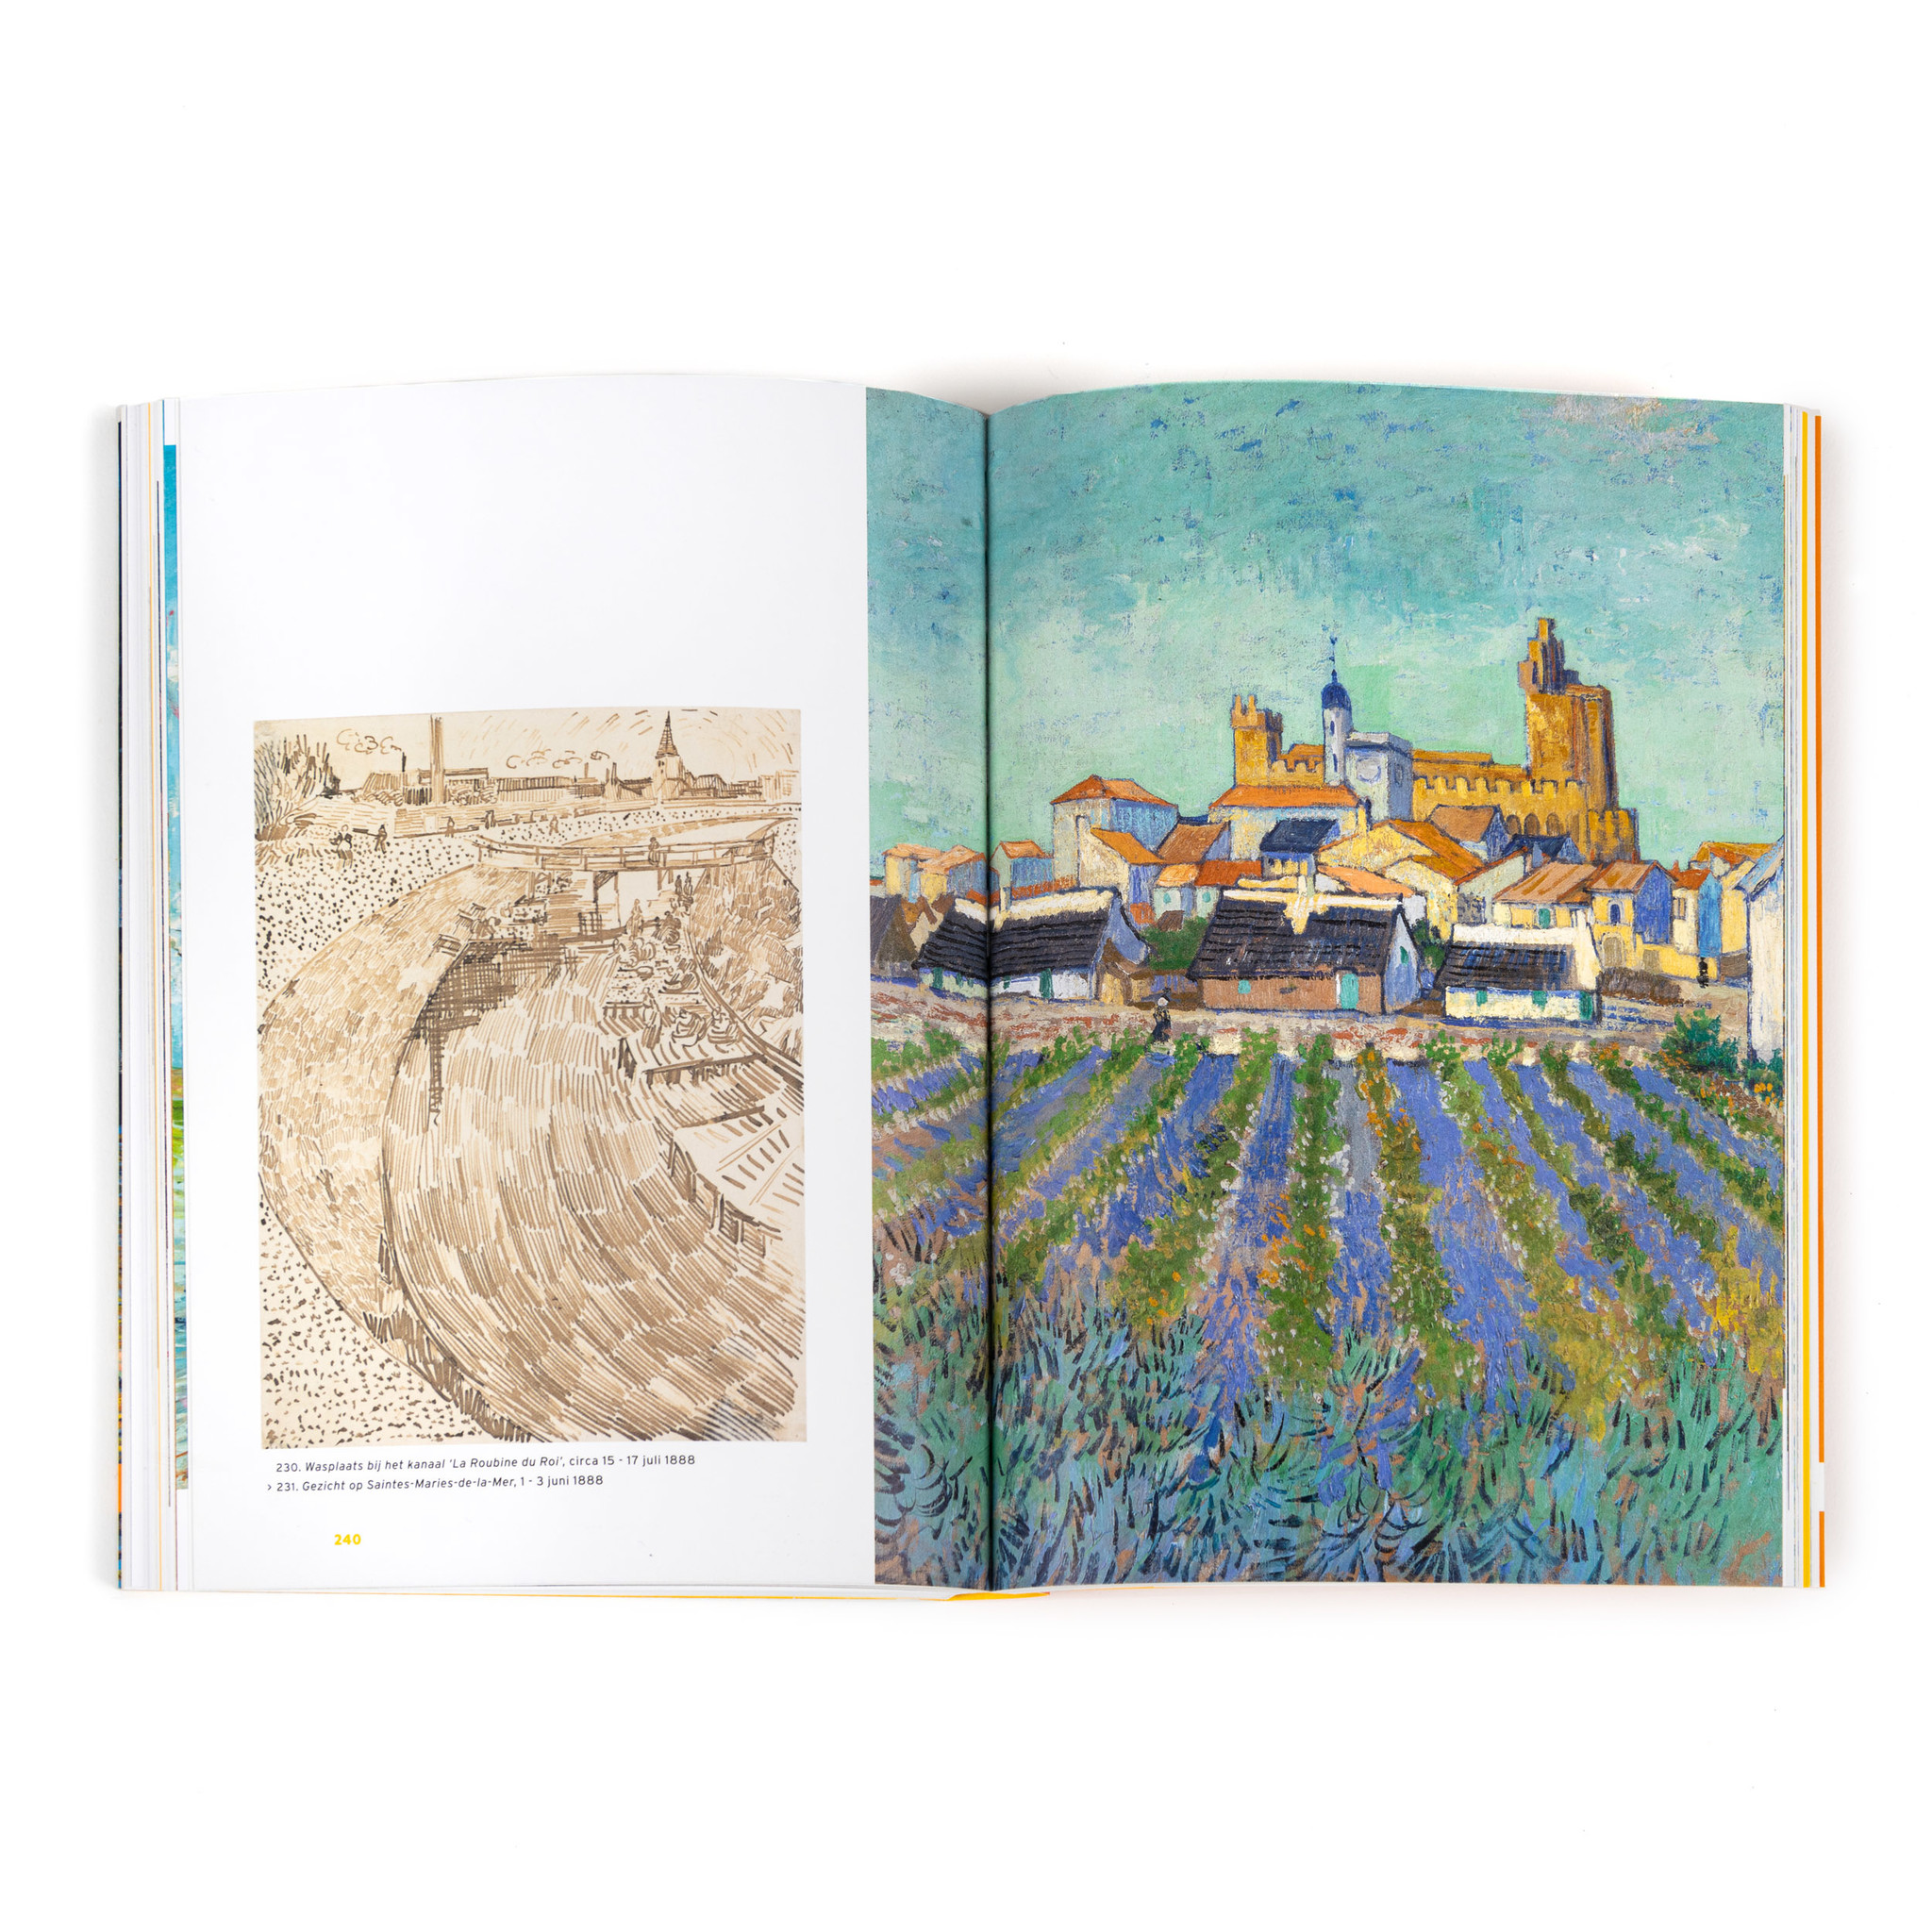 Van Gogh - All works in the Kröller-Müller Museum